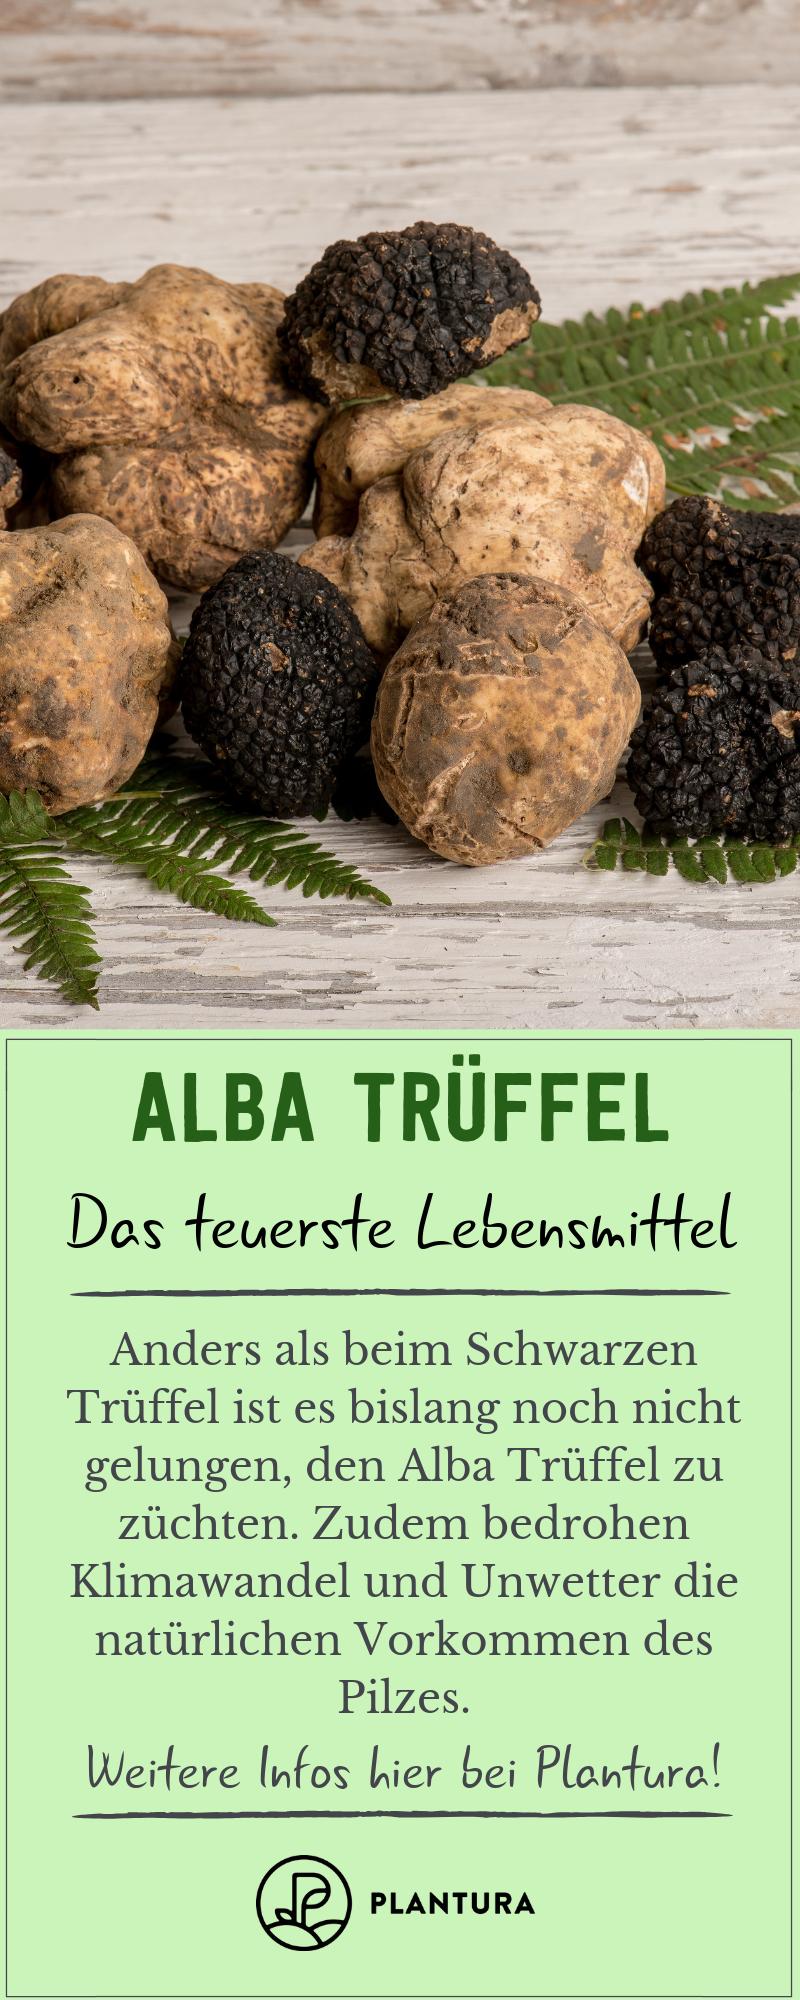 Alba Truffel Das Teuerste Lebensmittel Der Welt Pilze Anbauen Lebensmittel Und Alba Truffel